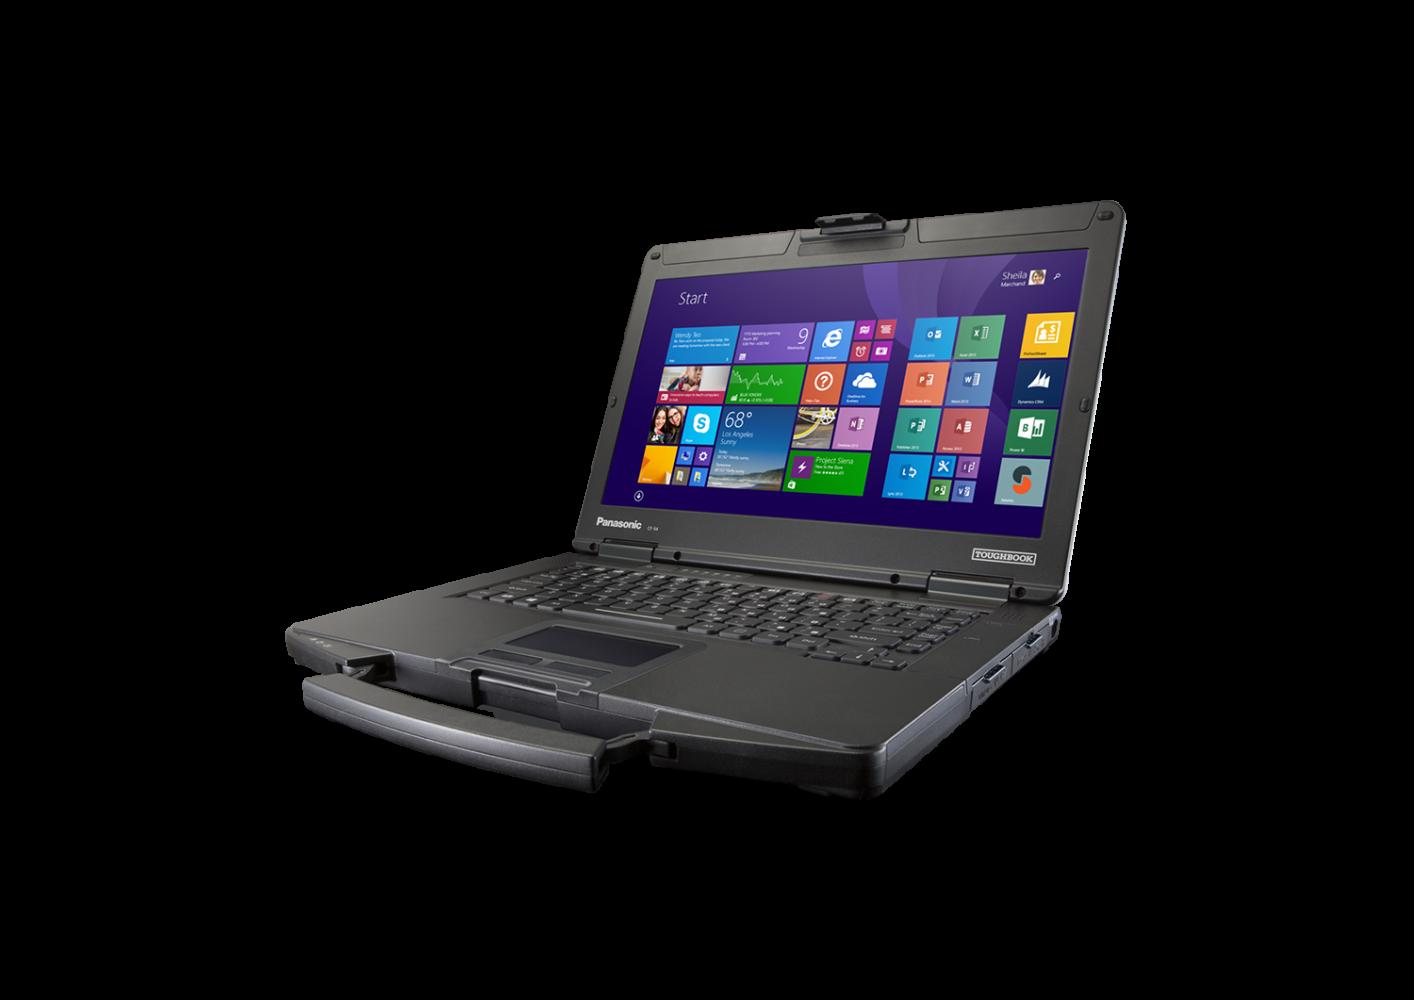 Ноутбук Panasonic Toughbook CF-54 (CF-54AZ002E9) - 1